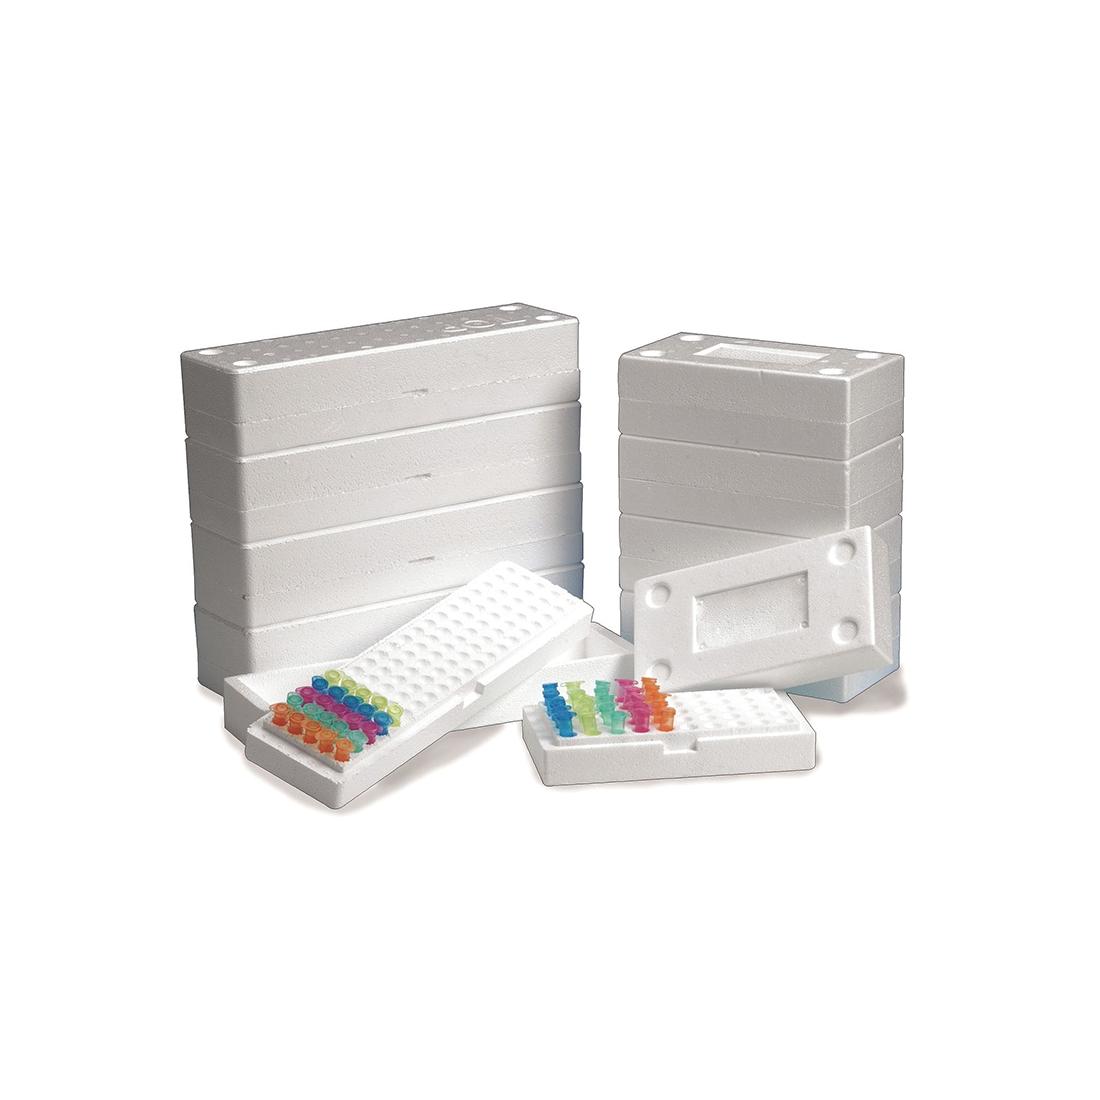 Pudełka styropianowe na probówki 1,5-2,0 ml - Heathrow Scientific